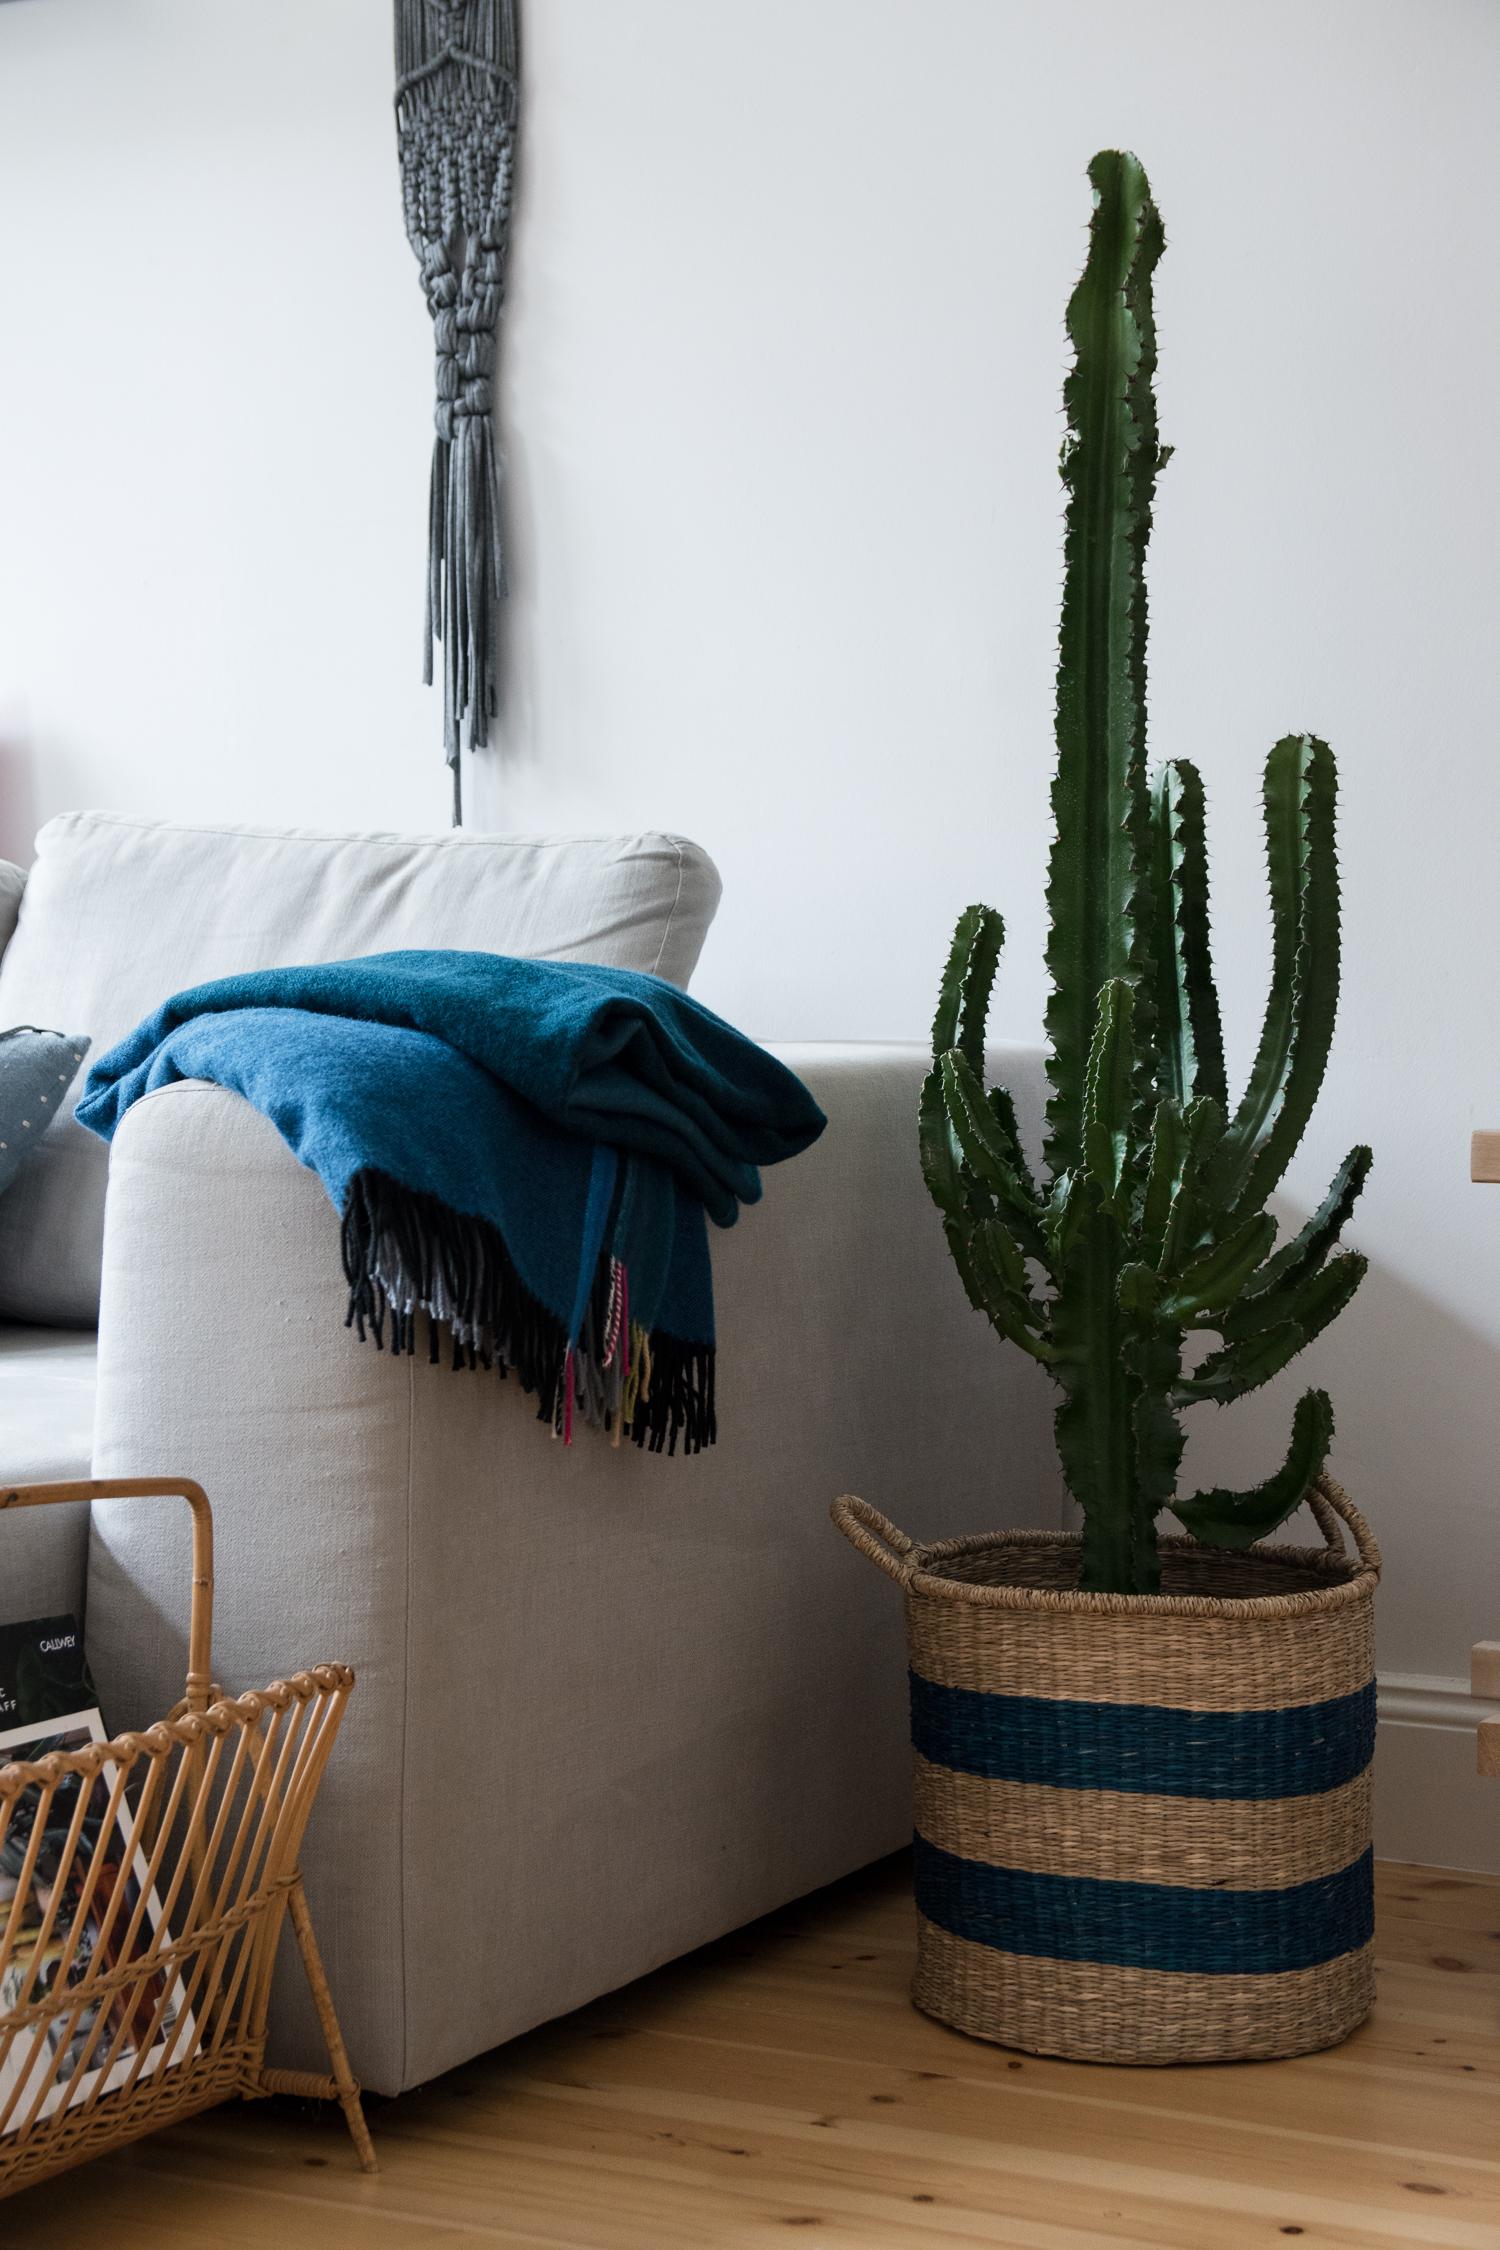 einrichten im boho style so geht s craftifair. Black Bedroom Furniture Sets. Home Design Ideas